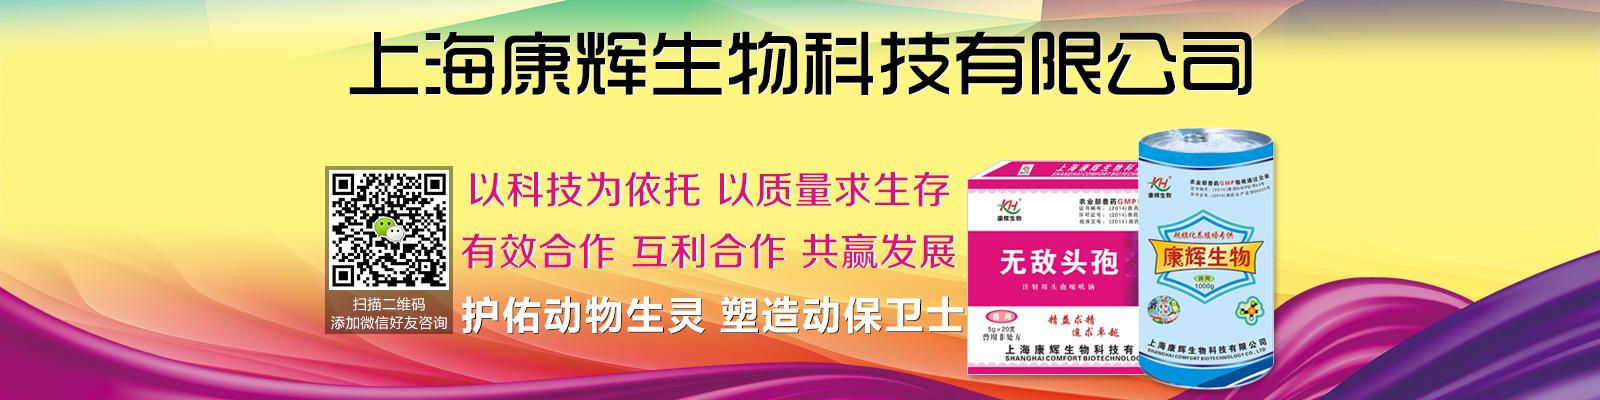 上海康辉生物科技有限公司